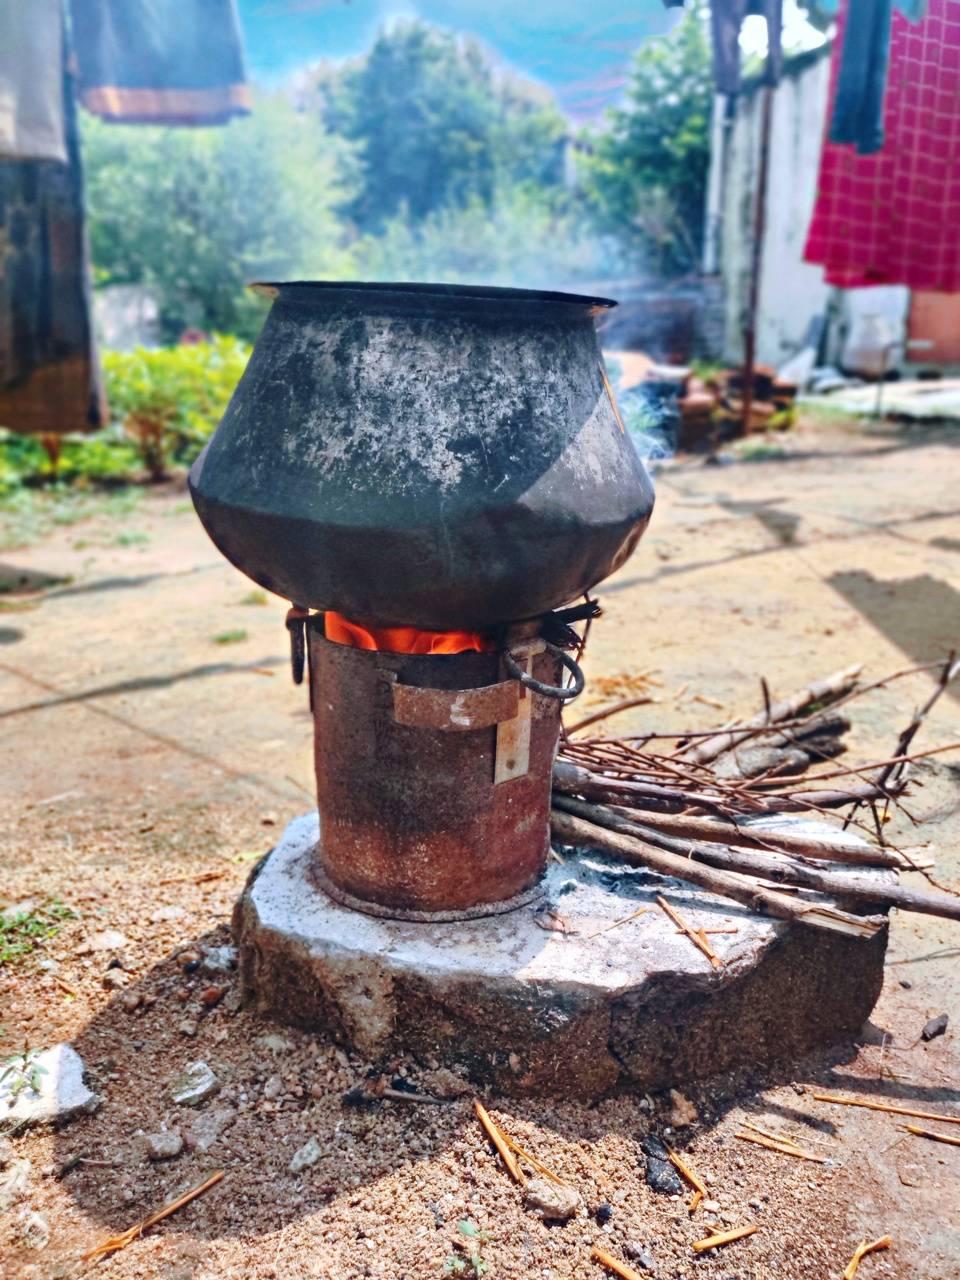 A fire pot